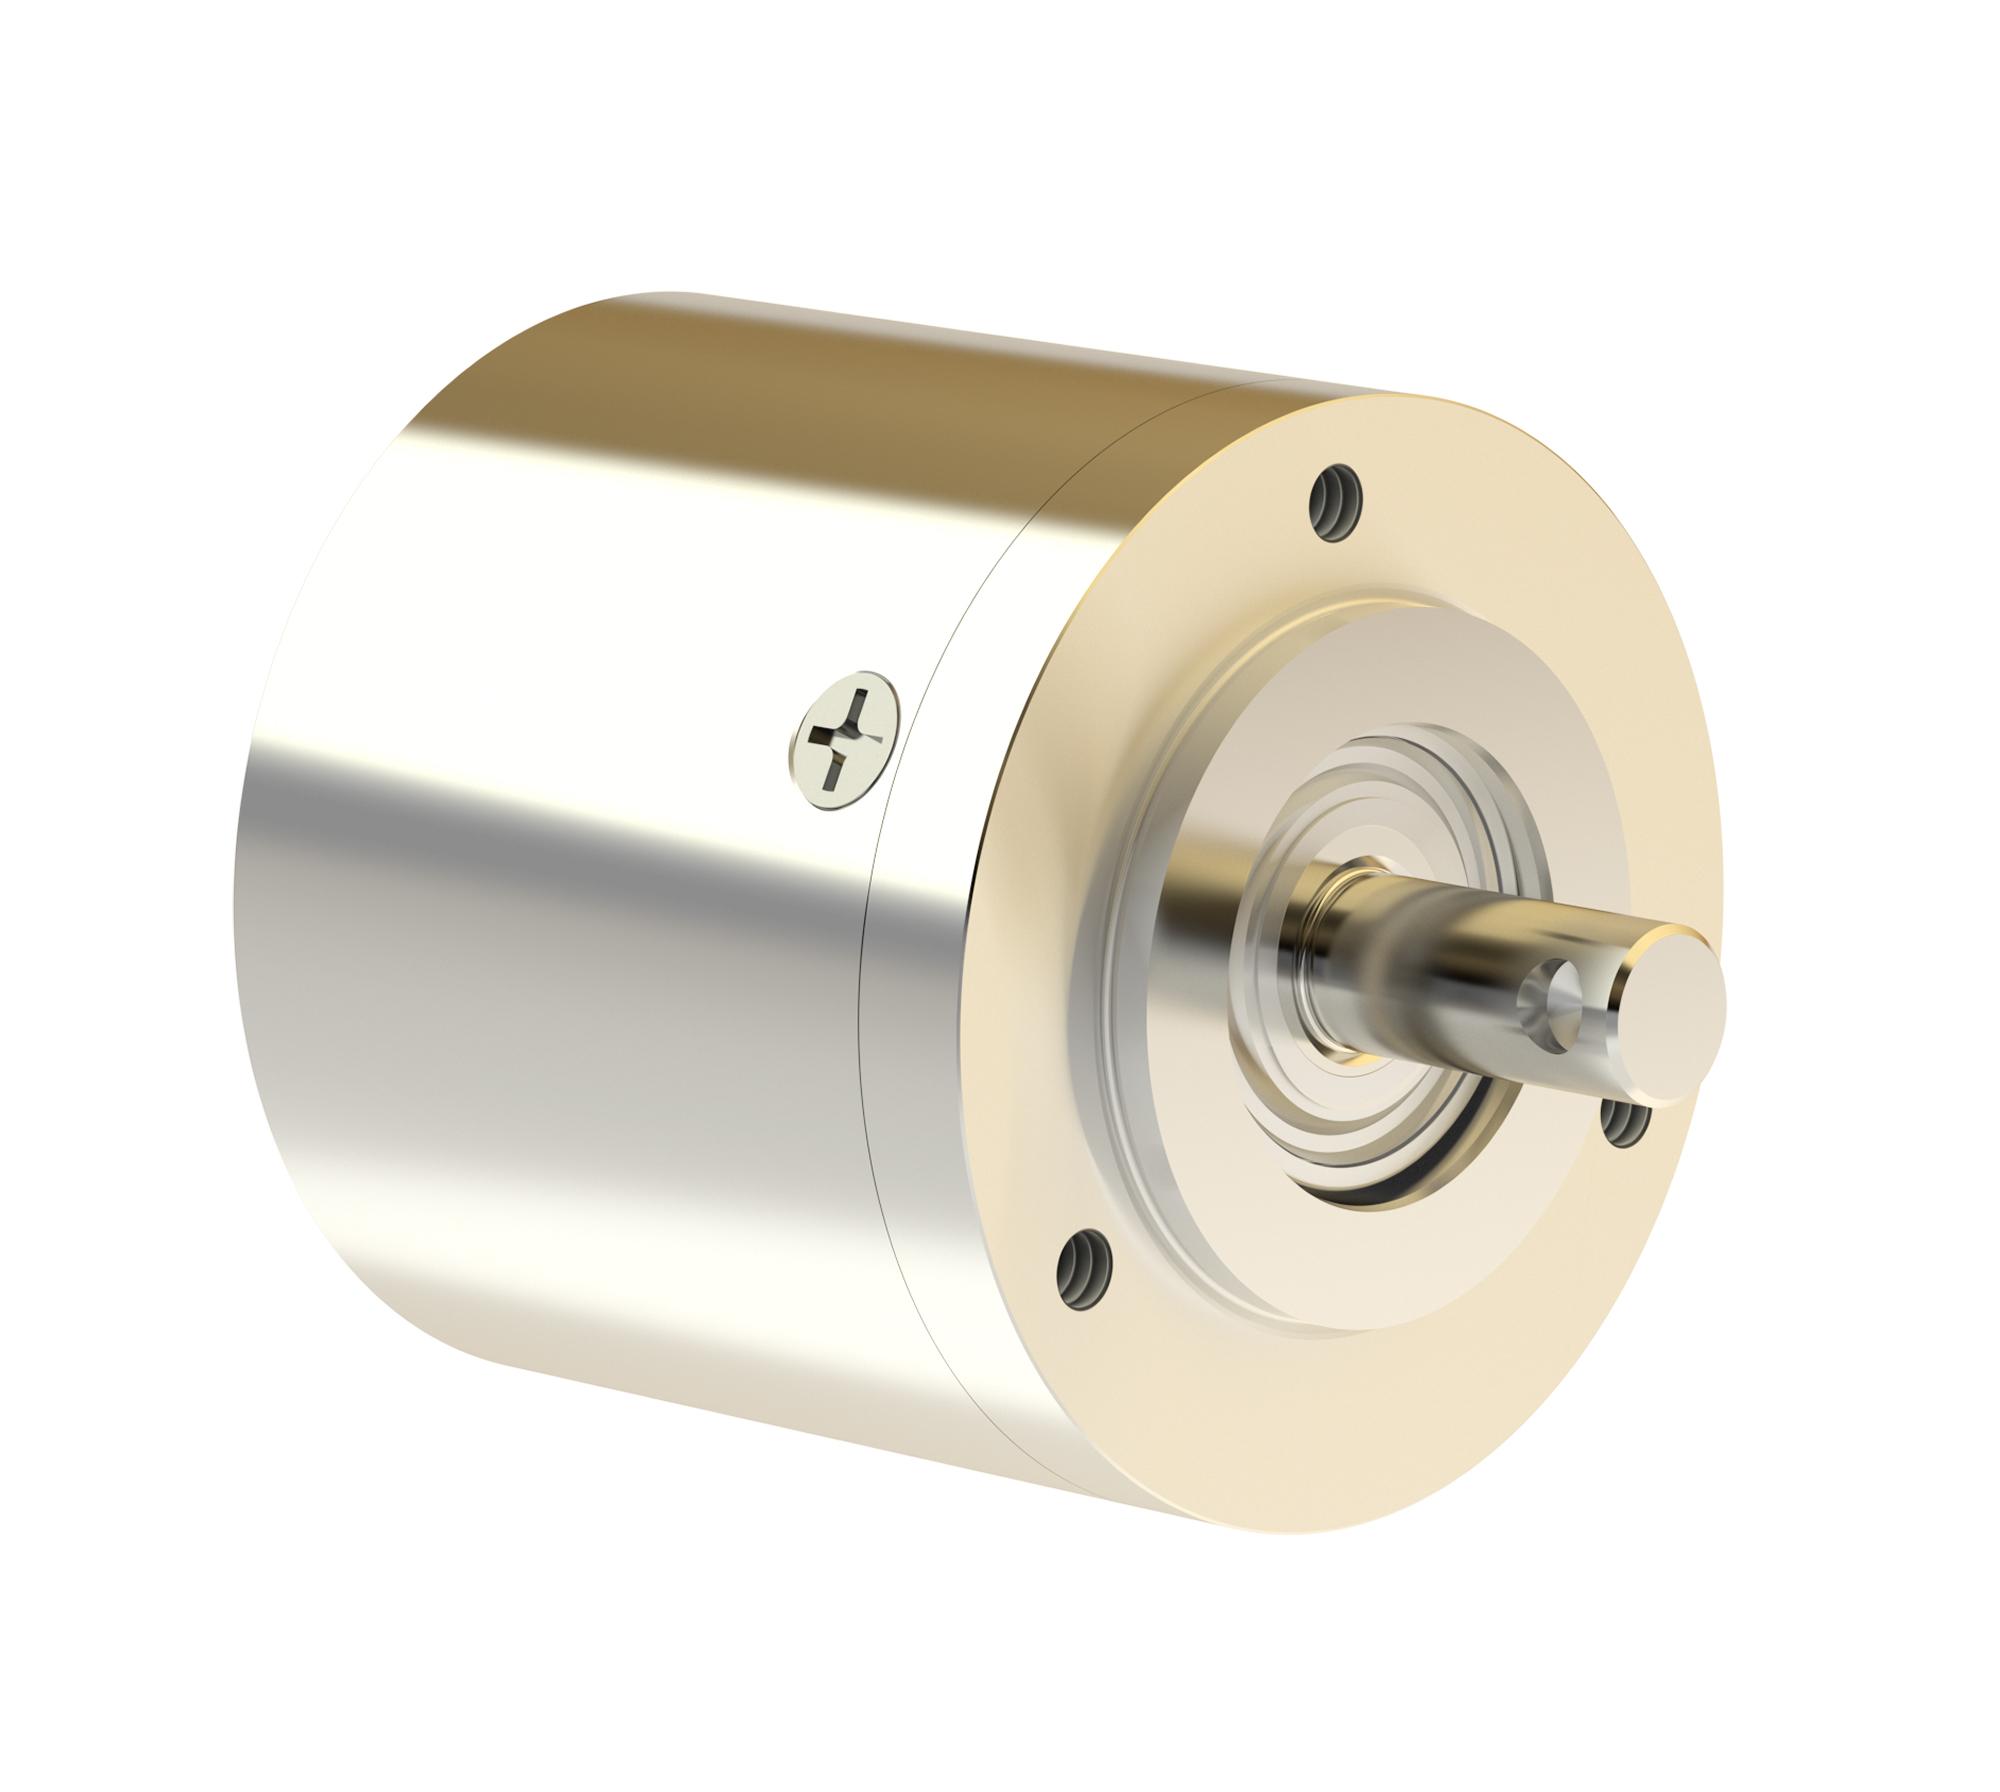 Sicherheits-Drehgeber mit kompakten Abmessungen